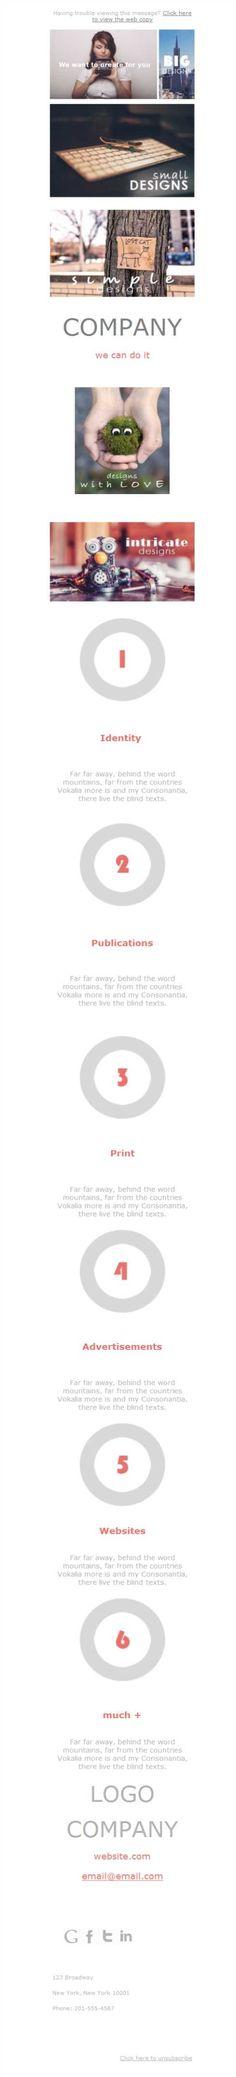 Mejores 20 imágenes de Diseño Gráfico - Plantillas Newsletter en ...